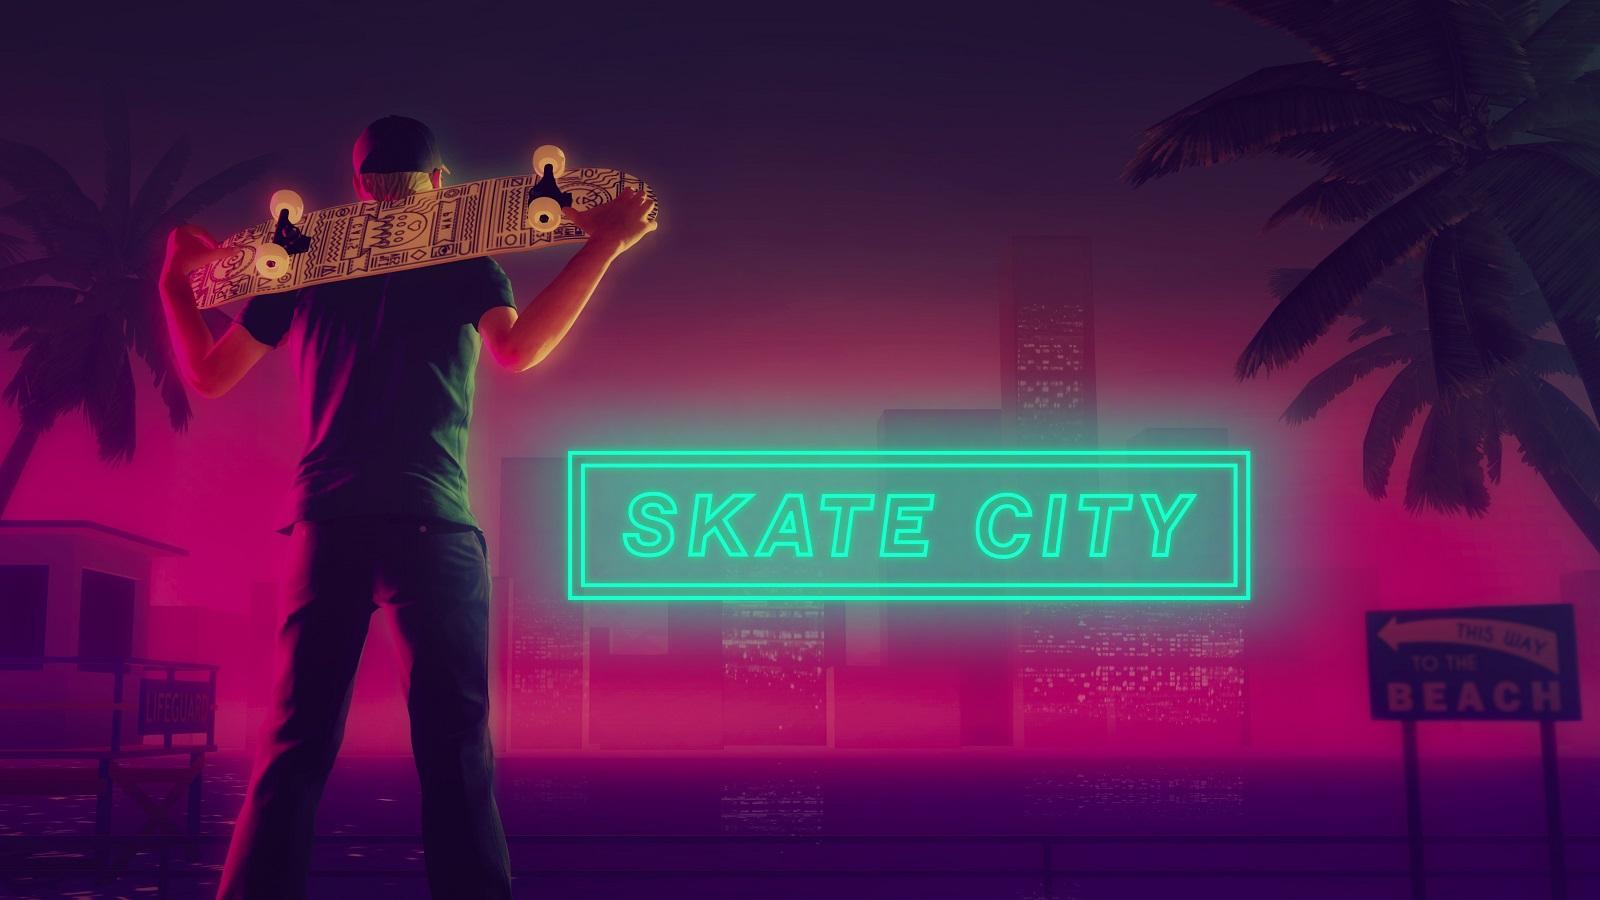 Симулятор скейтбордиста Skate City лишится статуса эксклюзива Apple Arcade — игра выйдет на ПК и консолях